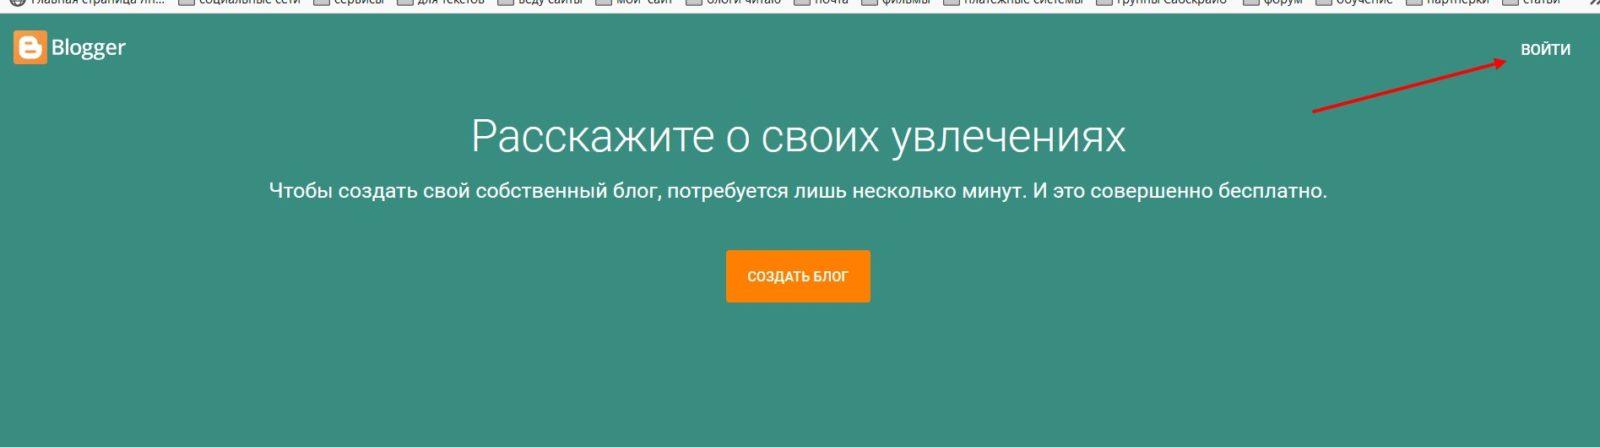 Blogger.com создать блог 1